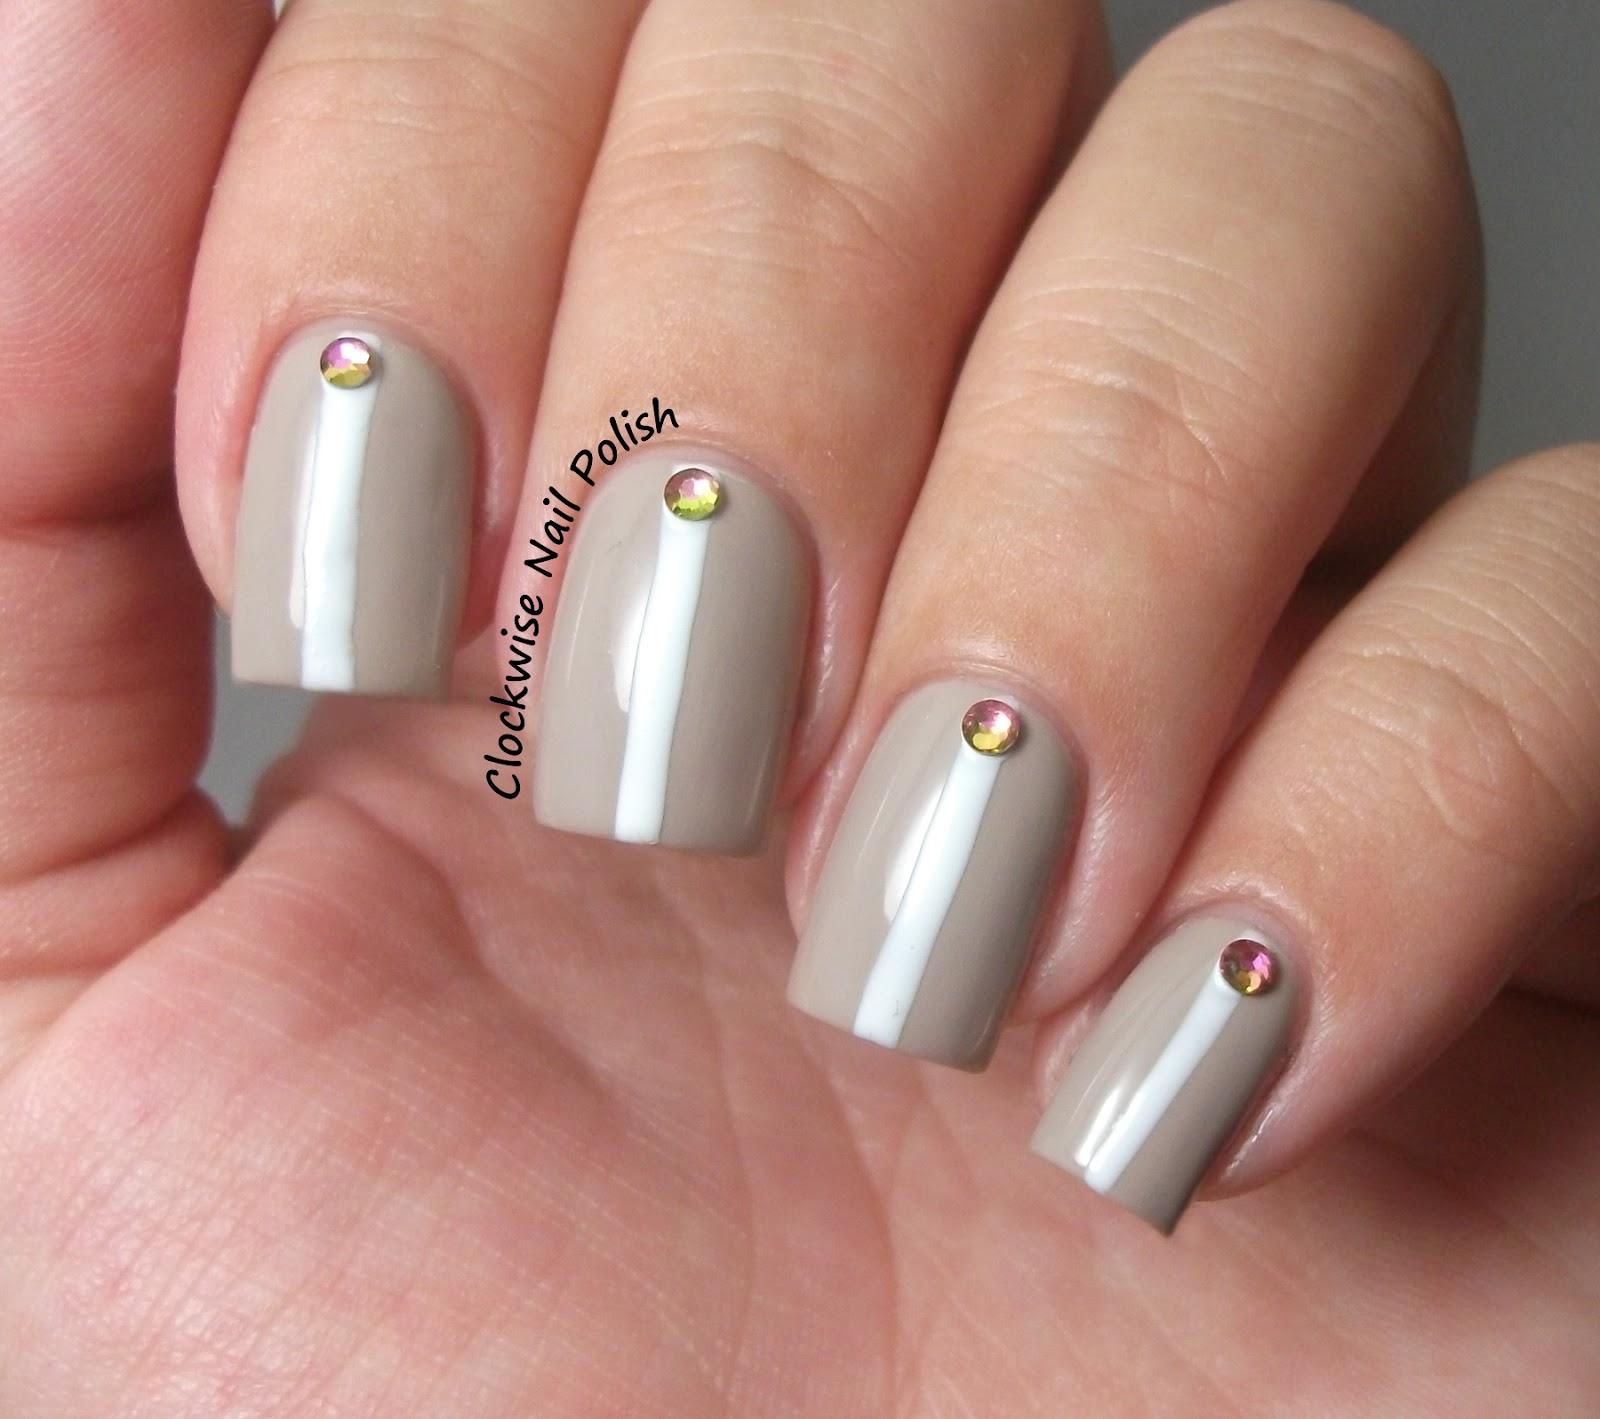 Revel nail coupon code